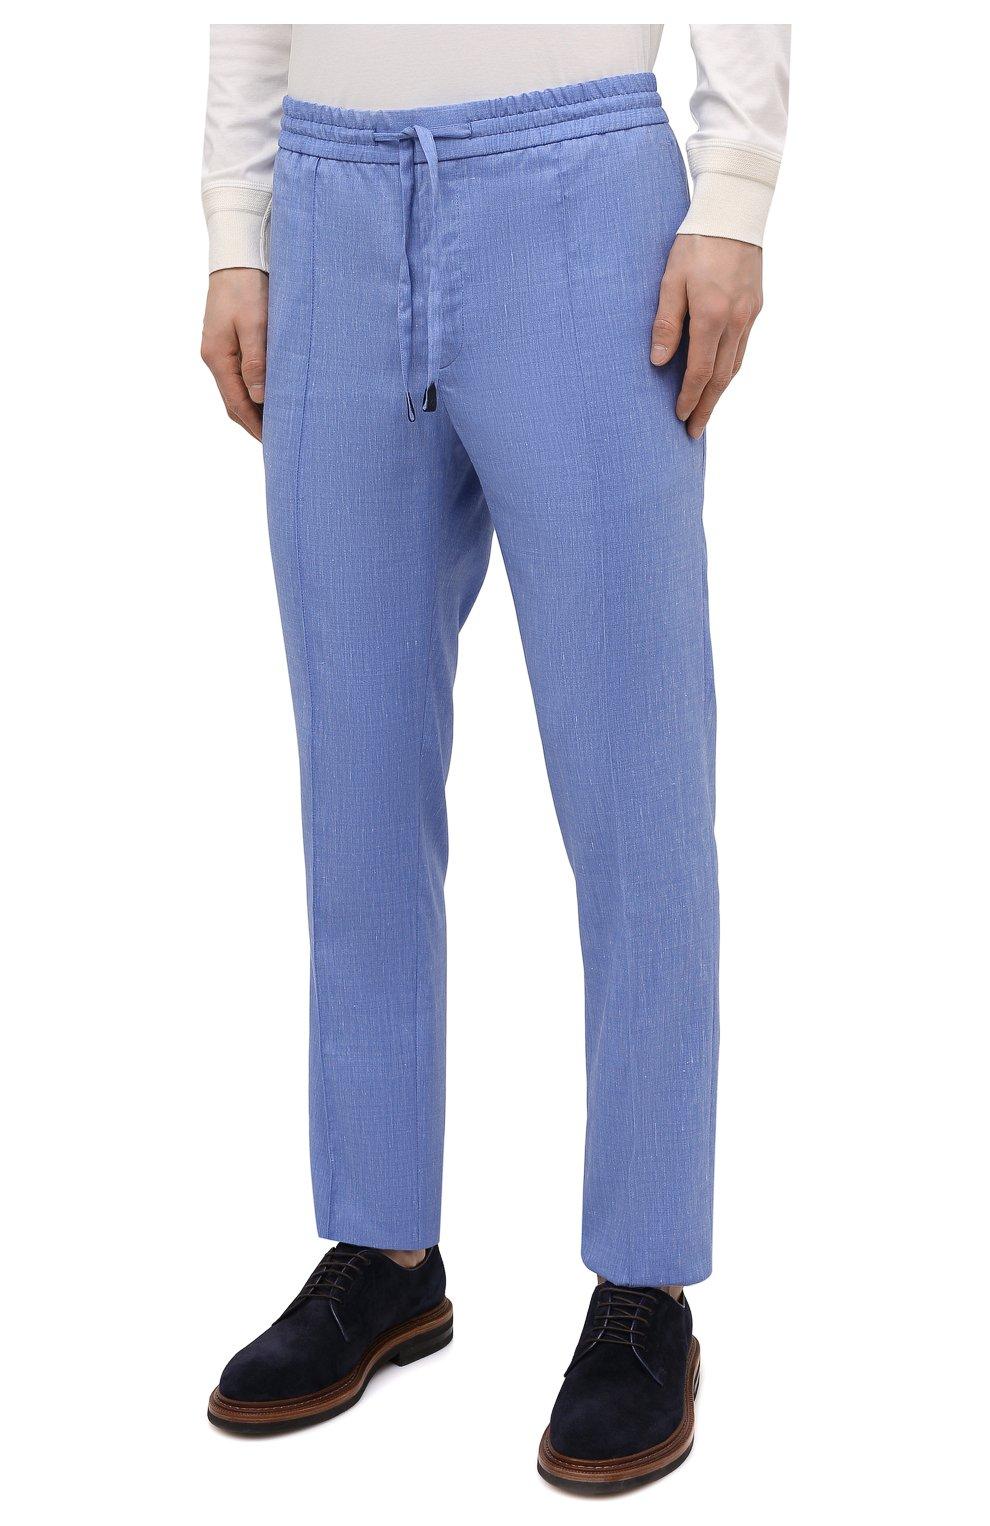 Мужские брюки из шерсти и льна BRIONI голубого цвета, арт. RPM20L/P9AB9/NEW SIDNEY   Фото 3 (Материал внешний: Шерсть; Длина (брюки, джинсы): Стандартные; Случай: Повседневный; Стили: Кэжуэл)